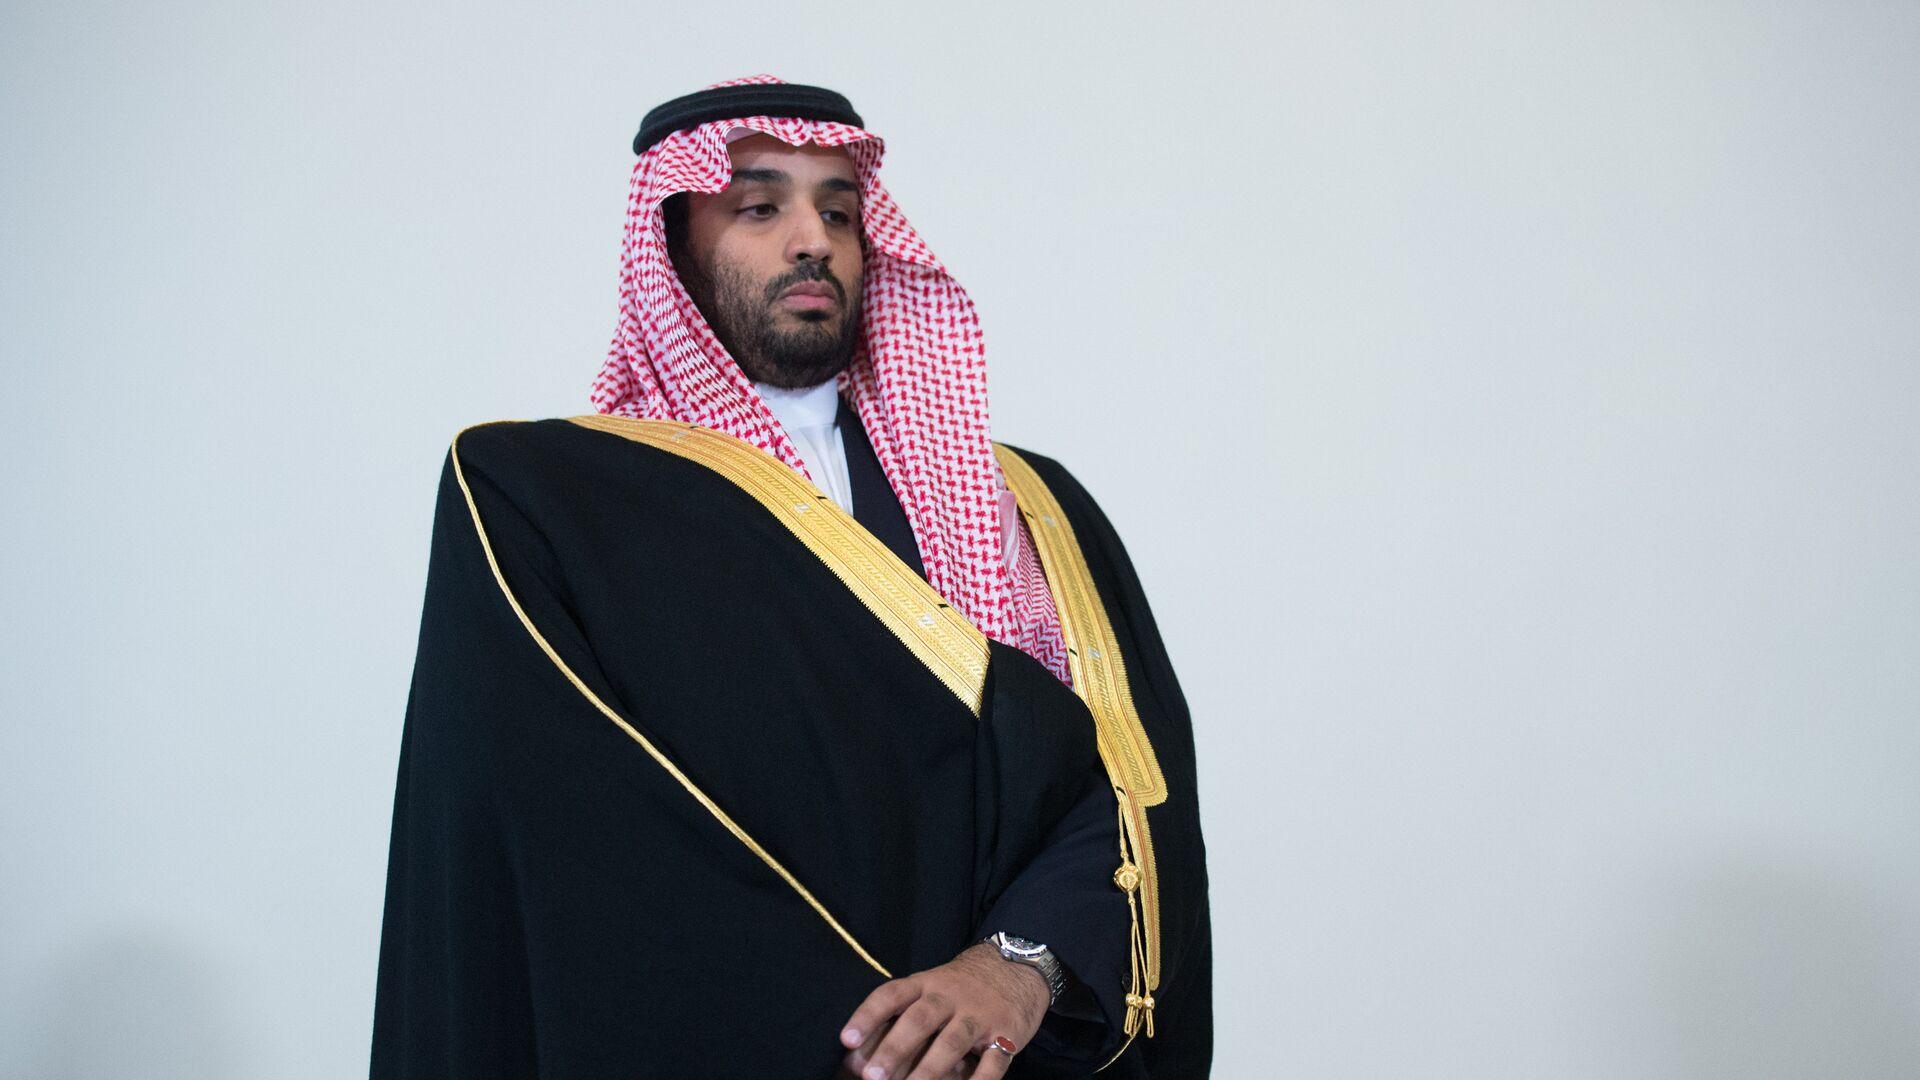 Príncipe heredero de Arabia Saudí, Mohamed bin Salmán. - Sputnik Mundo, 1920, 01.03.2021